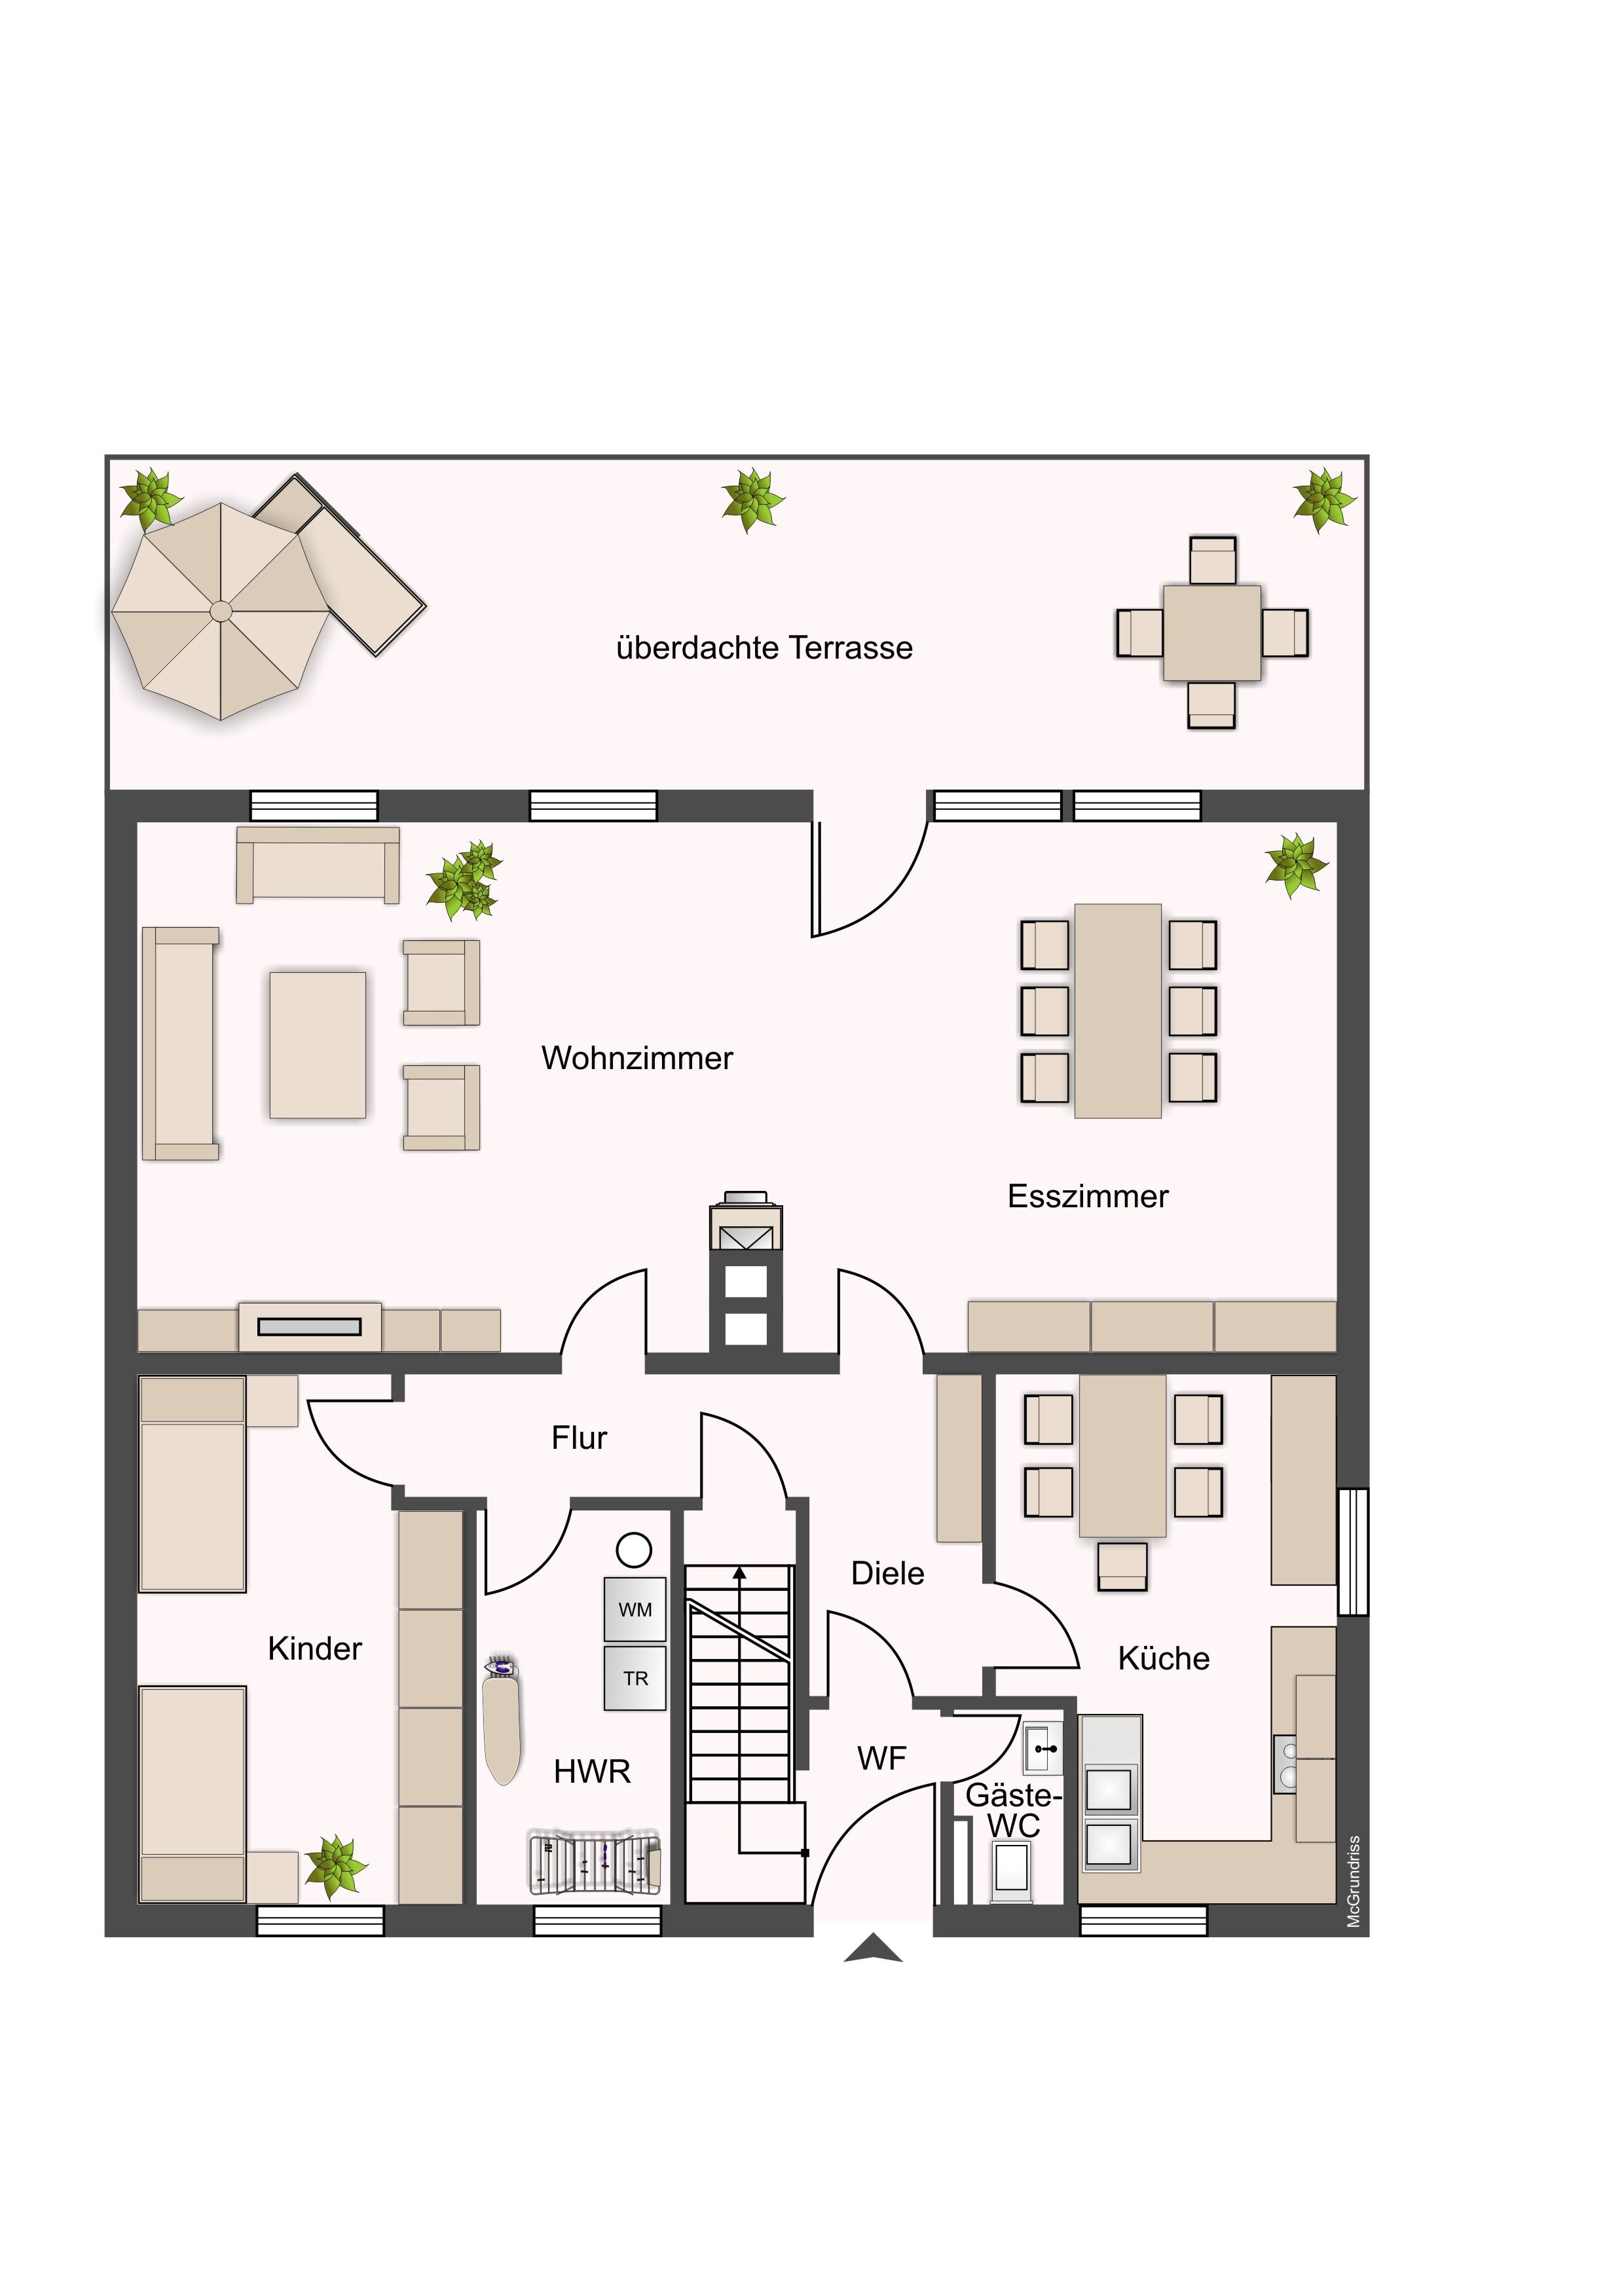 Fein Küche Esszimmer Wohnzimmer Grundrisse Ideen - Ideen Für Die ...